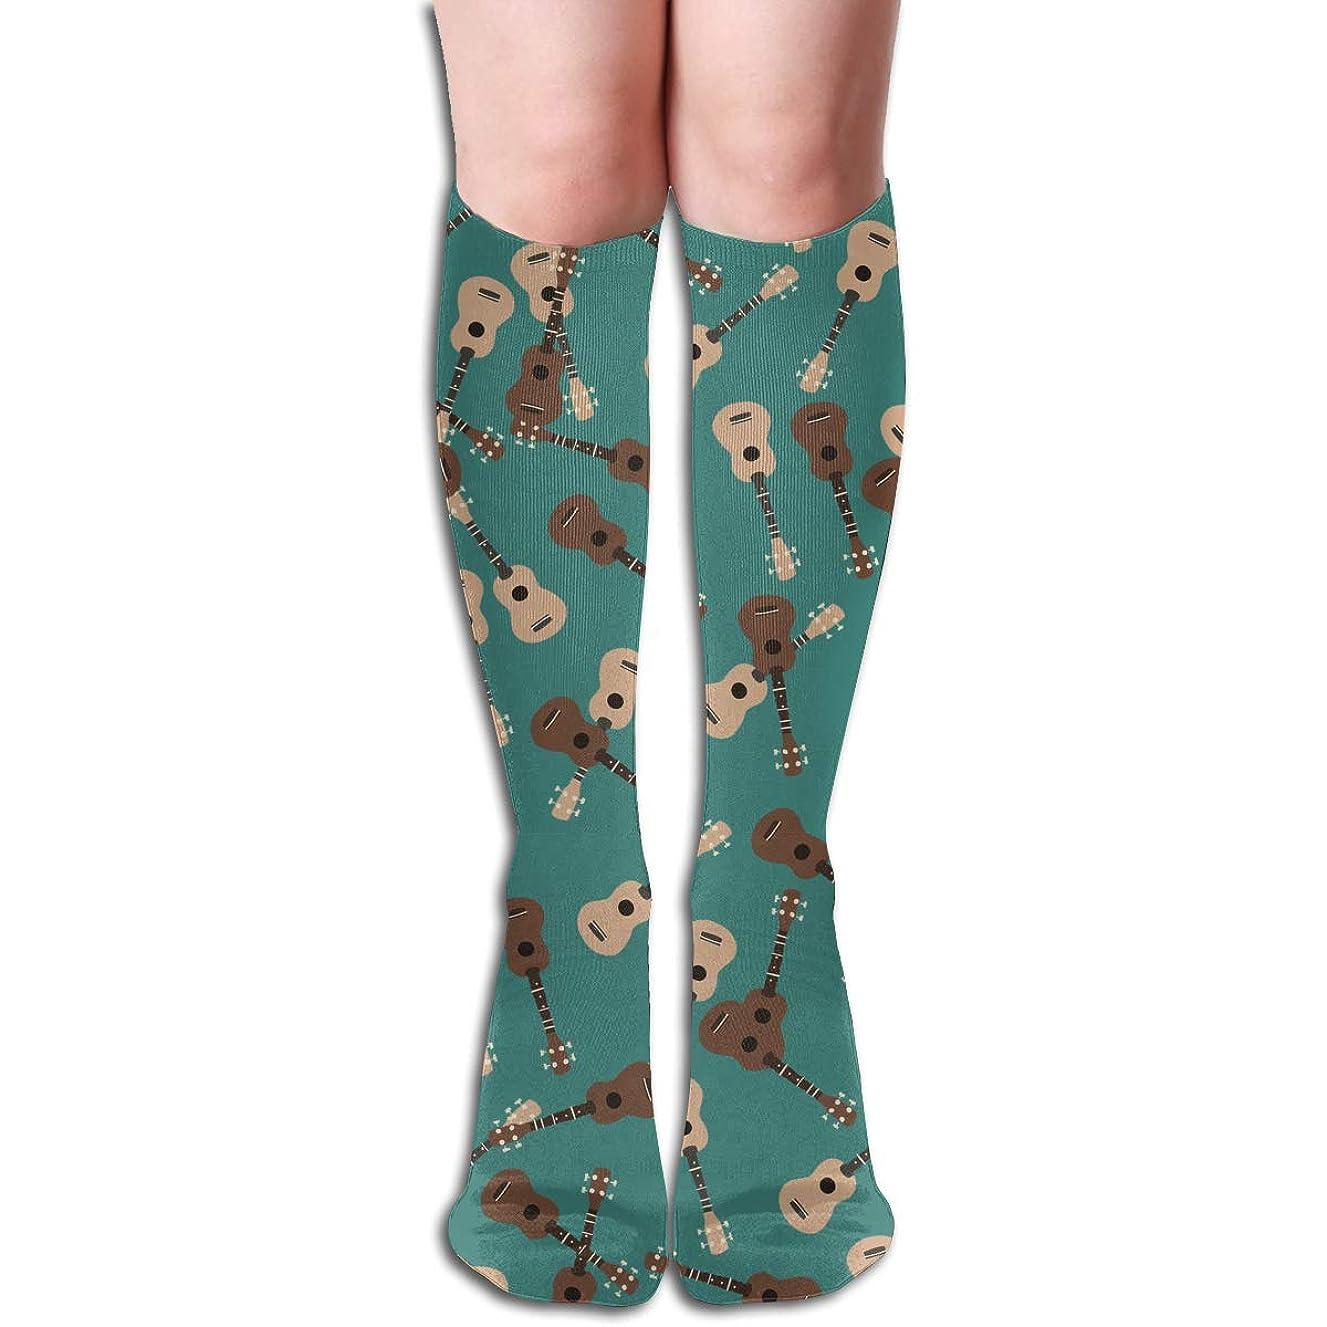 Ukulele Musical Green Pattern Thin Crew Socks Tube Socks Novelty Dress Socks For Womens